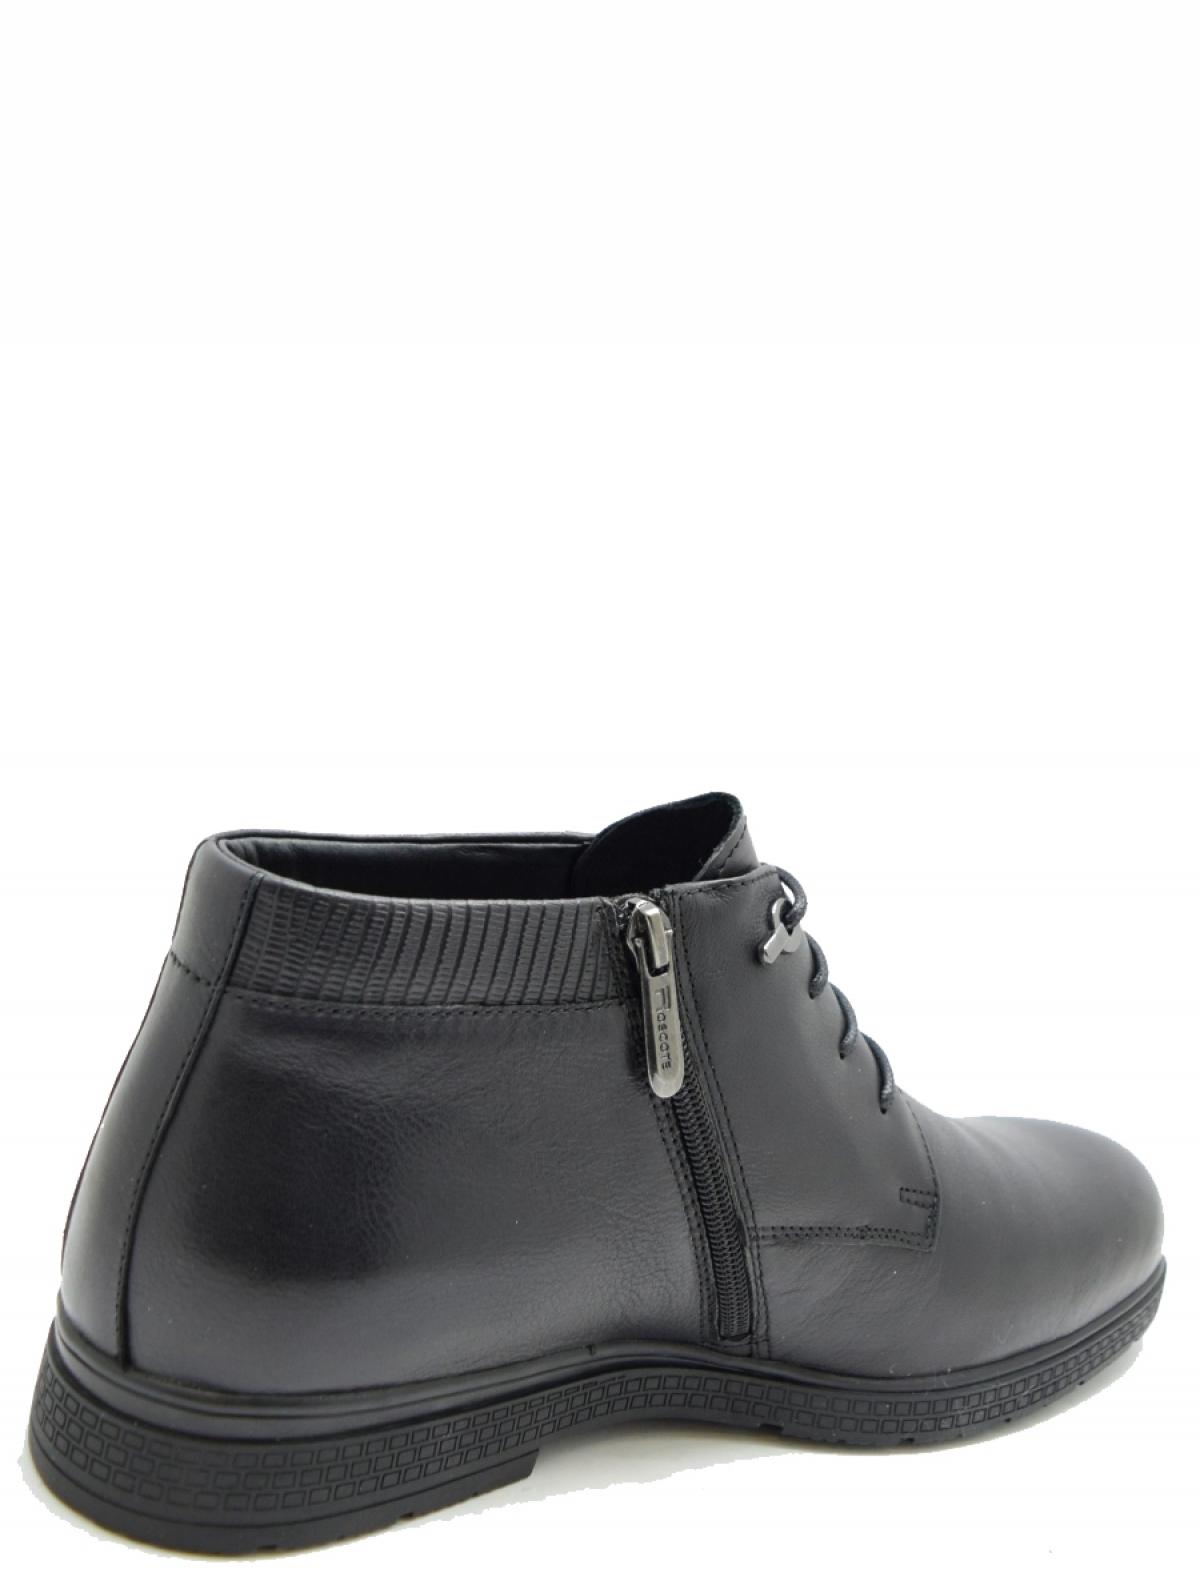 Roscote S04101YM-515-T7337 мужские ботинки